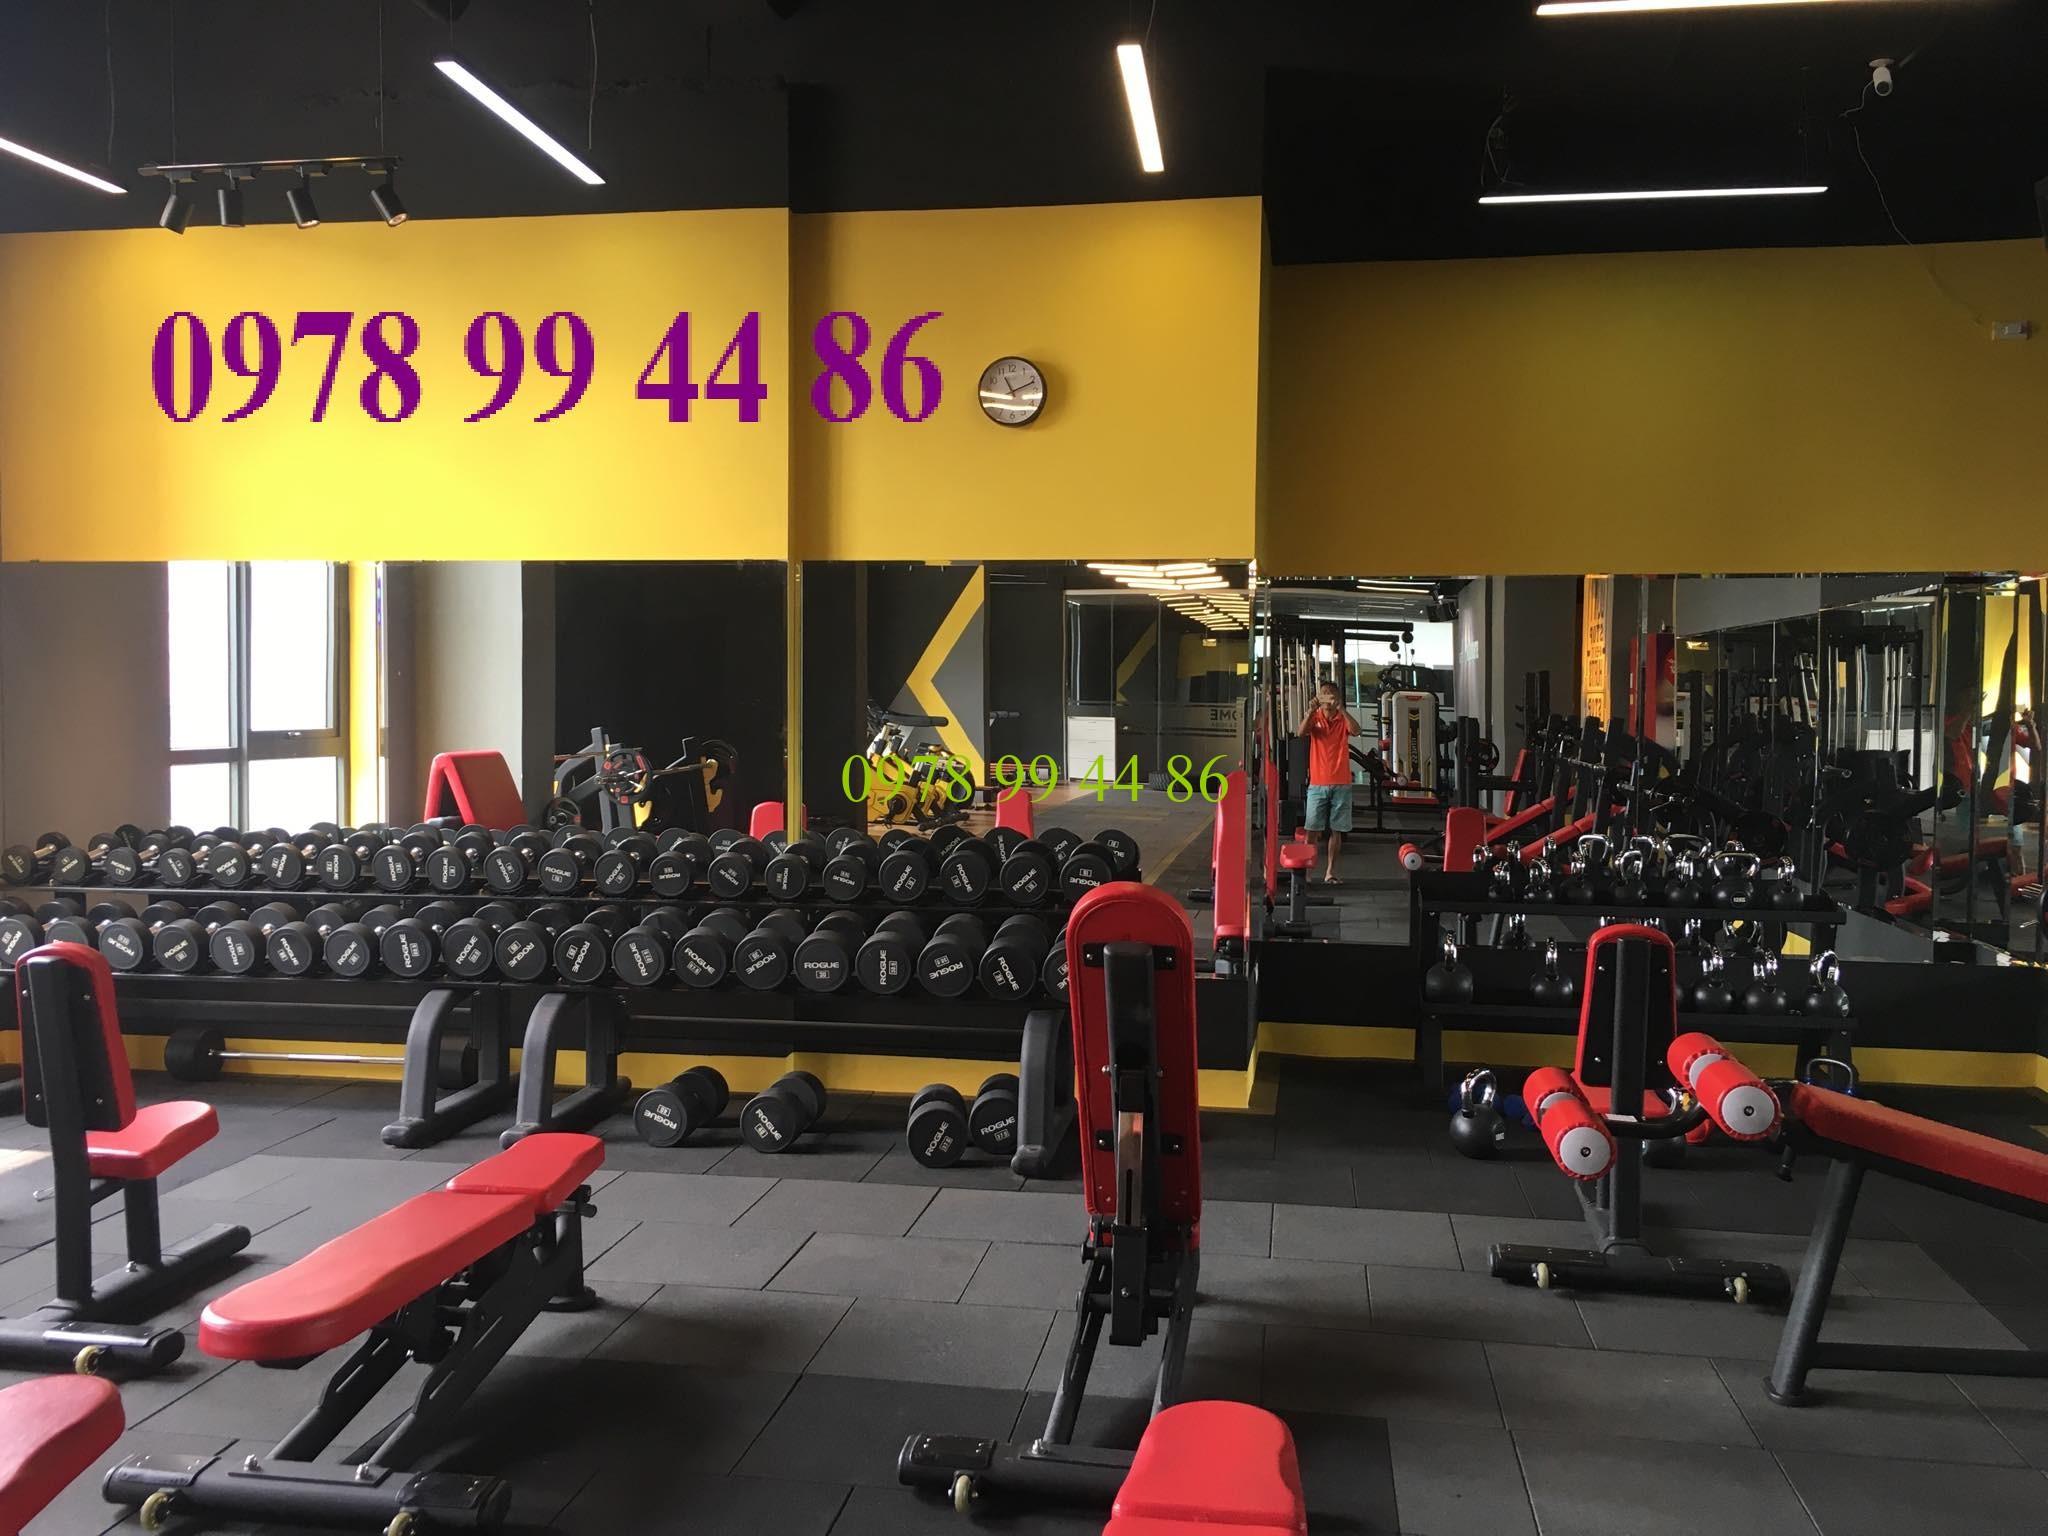 gương phòng tập gym tại vũ phạm hàm hà nội Báo giá gương phòng tập gym,yoga,múa